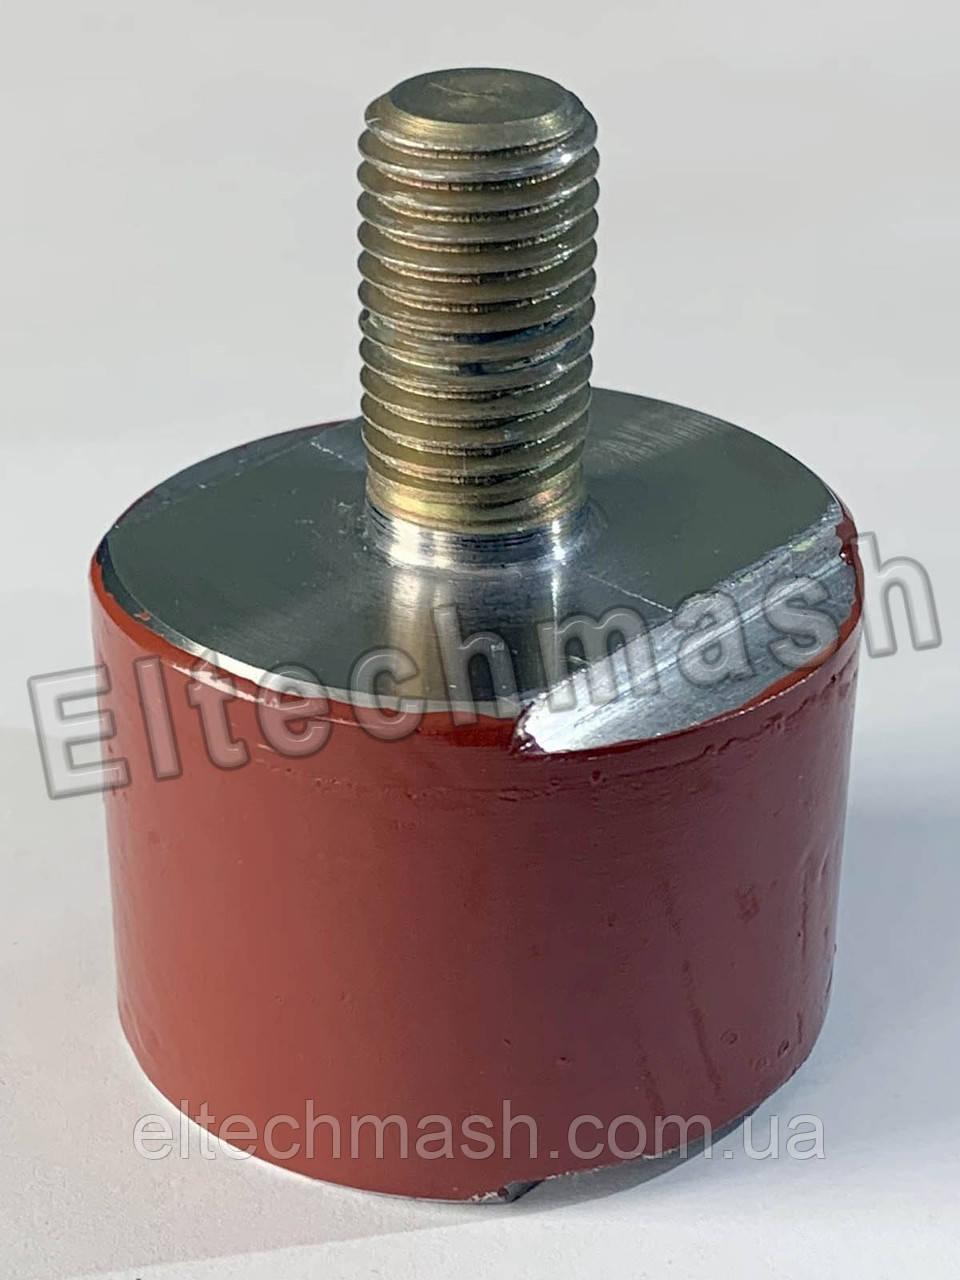 Изолятор к ГП-300Б, ГС-515 - БИЛТ.686111.033, 5ТХ.780.007, 5ТХ.780.013